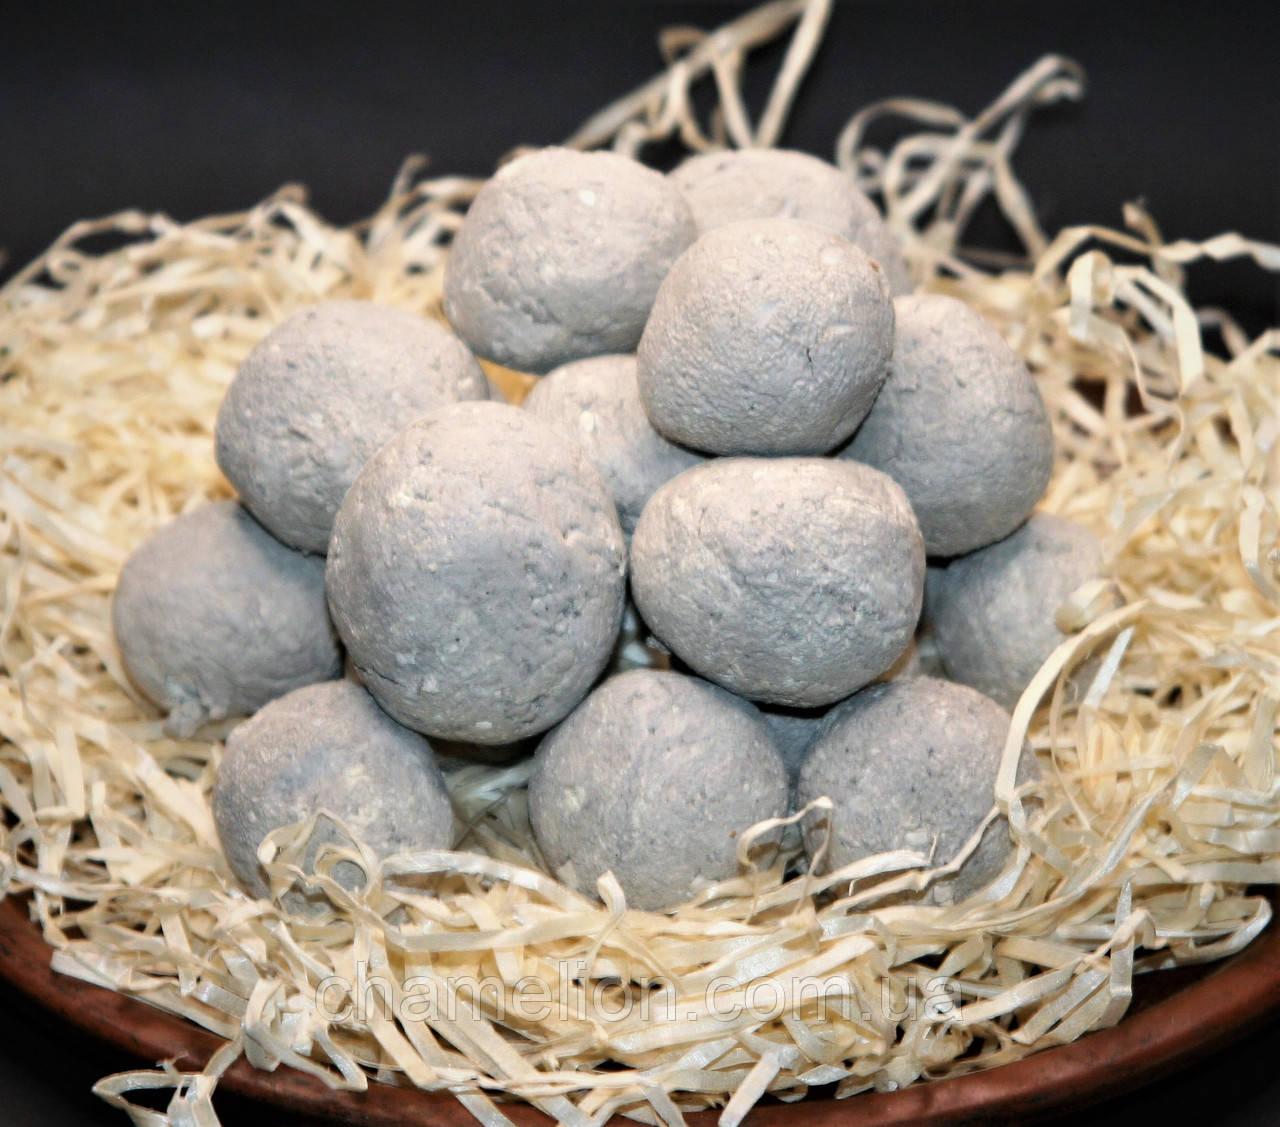 Кульки з білої глини і блакитної глини 1 кг (Кульки з білої глини і блакитної глини 1 кг )